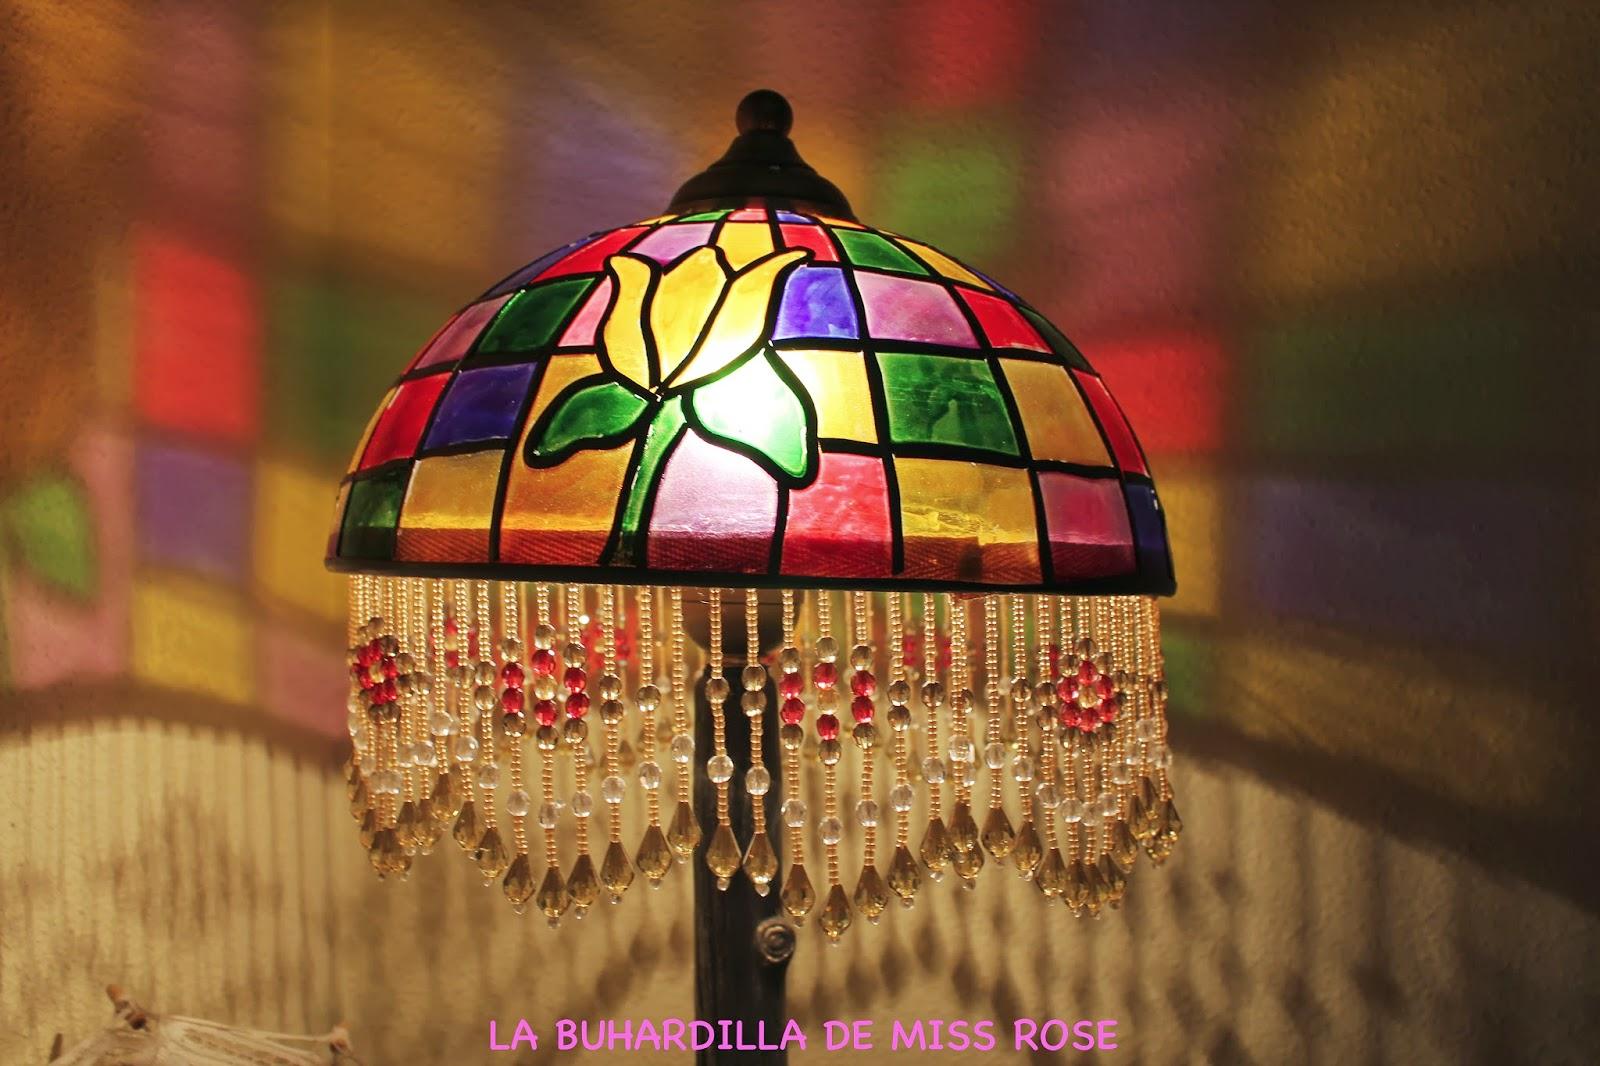 La buhardilla de miss rose lamparas estilo tiffani 39 s for Lamparas para buhardillas